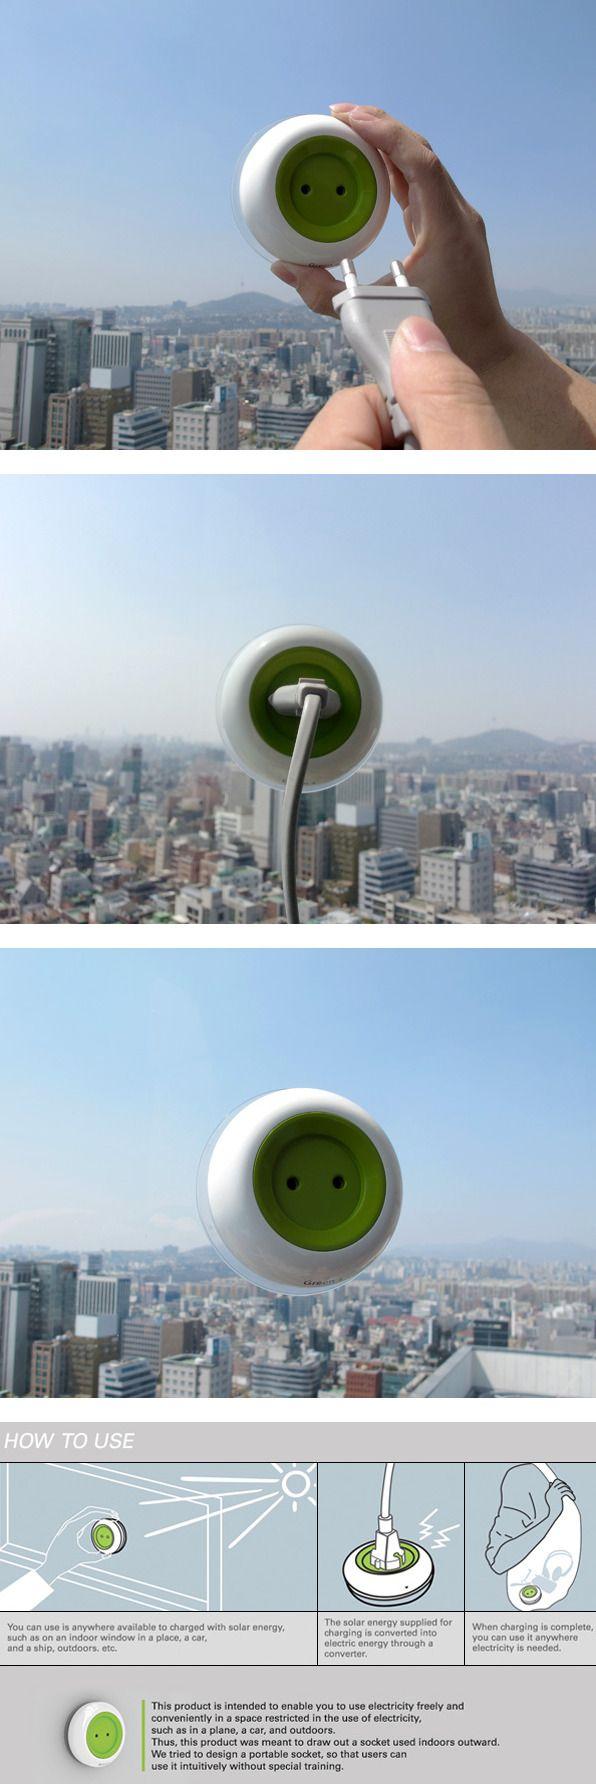 """""""窗口插座""""是一种创新的太阳能窗口插座,可将太阳光转换为电力,并允许人们为其小型电子设备充电。这个概念是由Kyuho Kyuho Song&Boa Oh设计的。"""